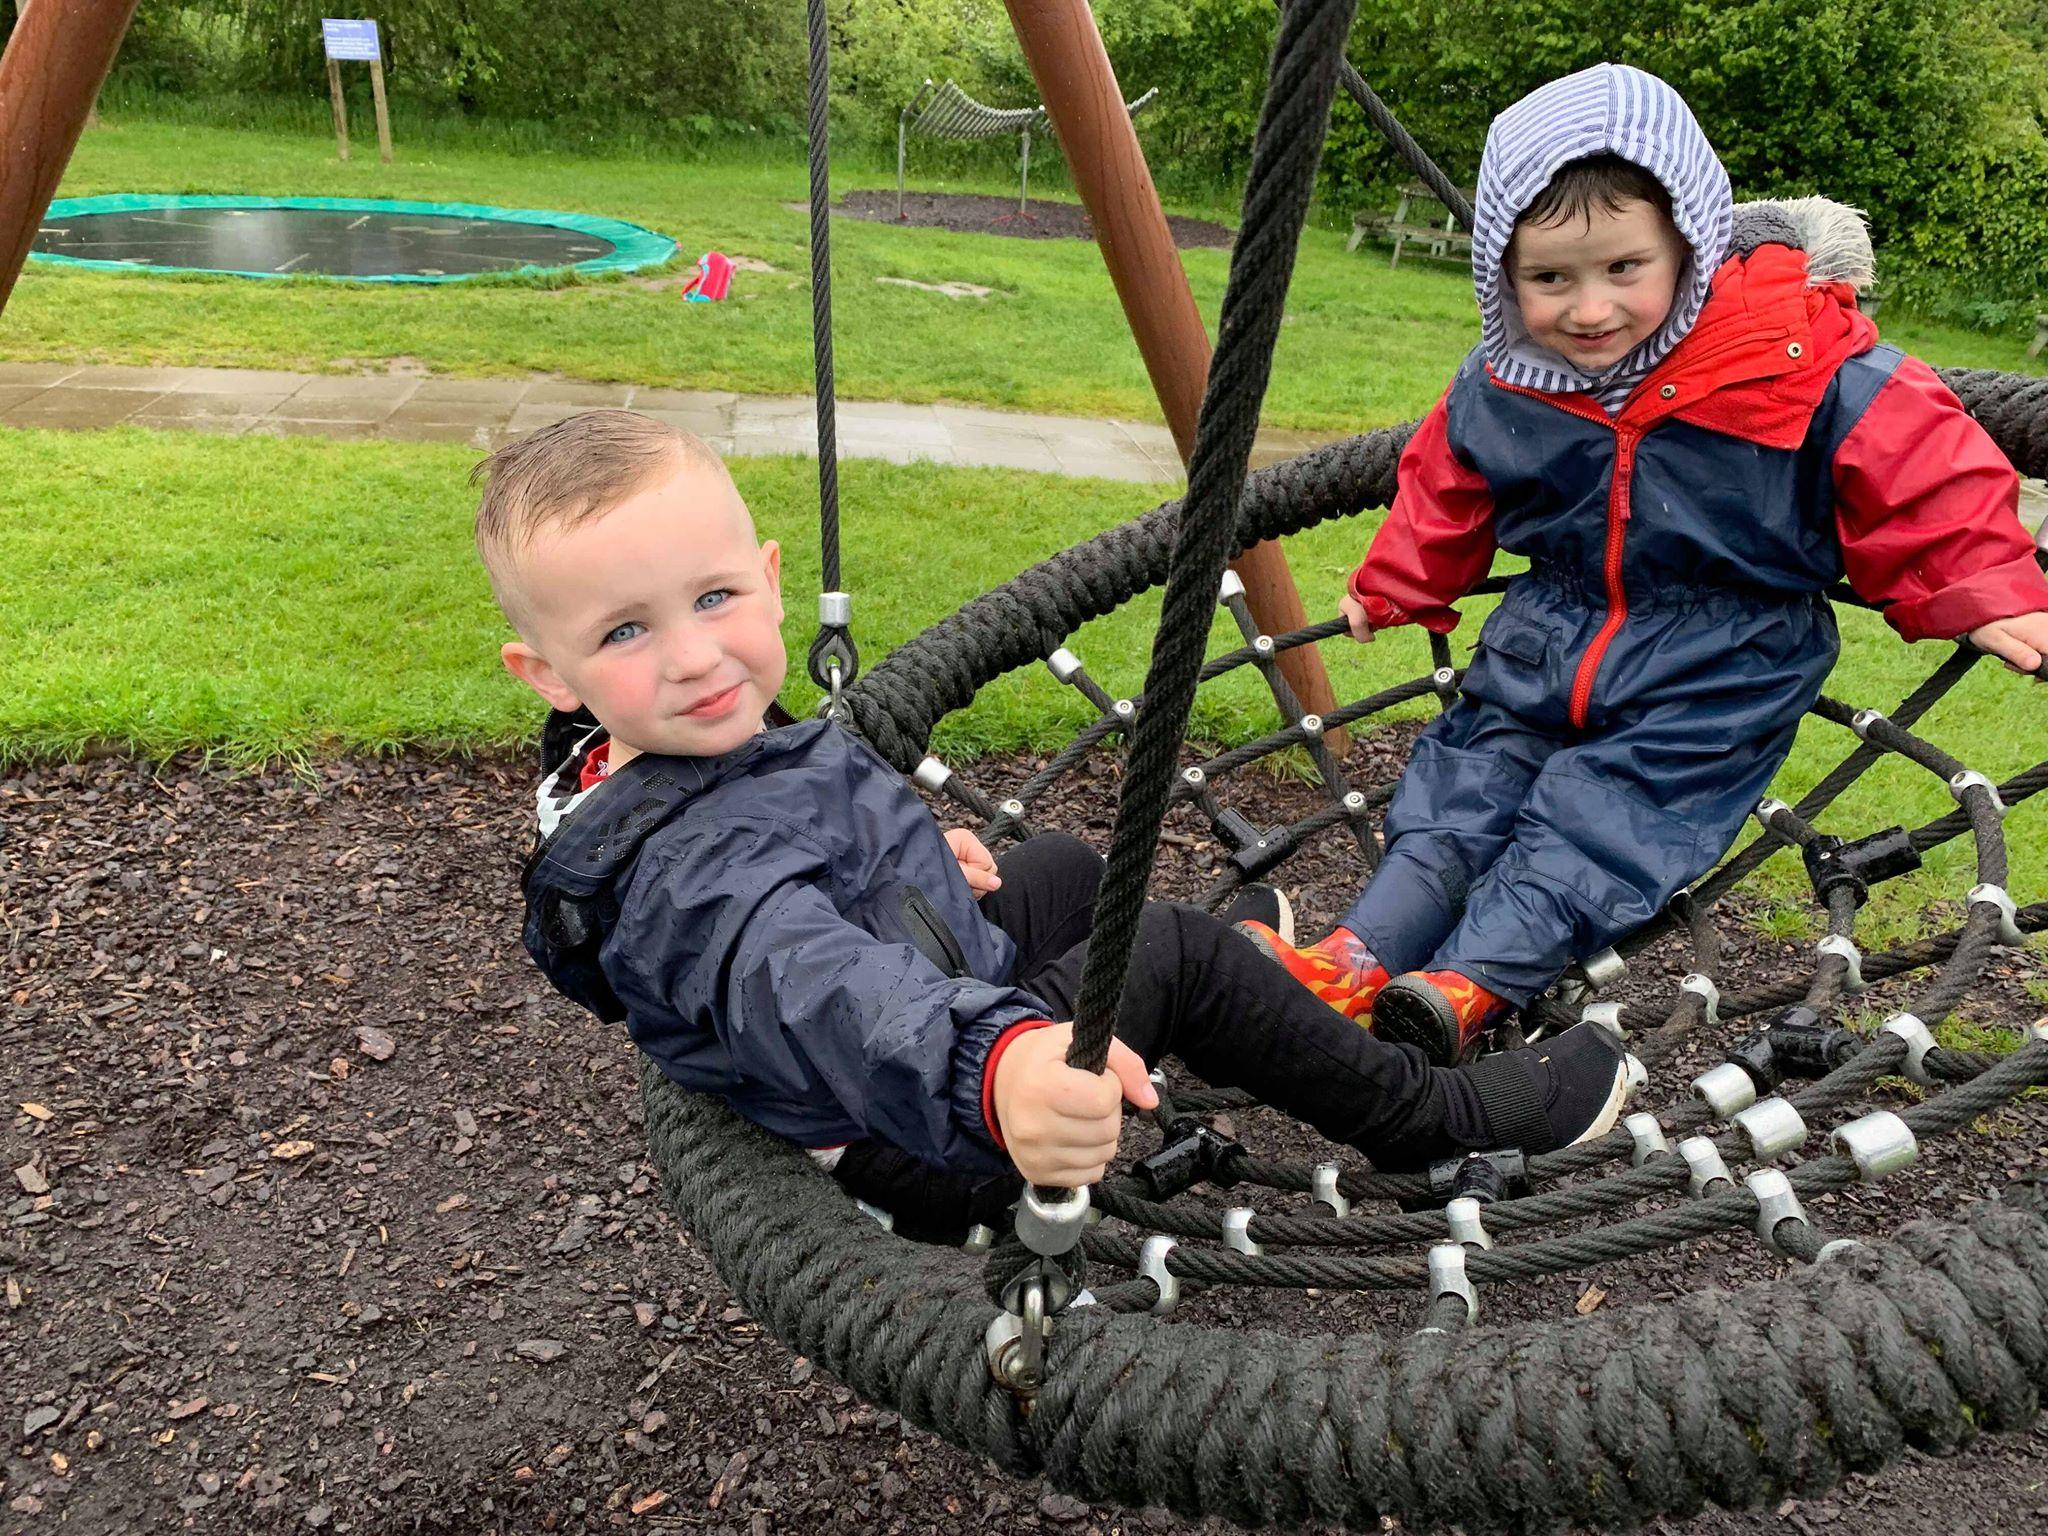 MHL - Children on round swing